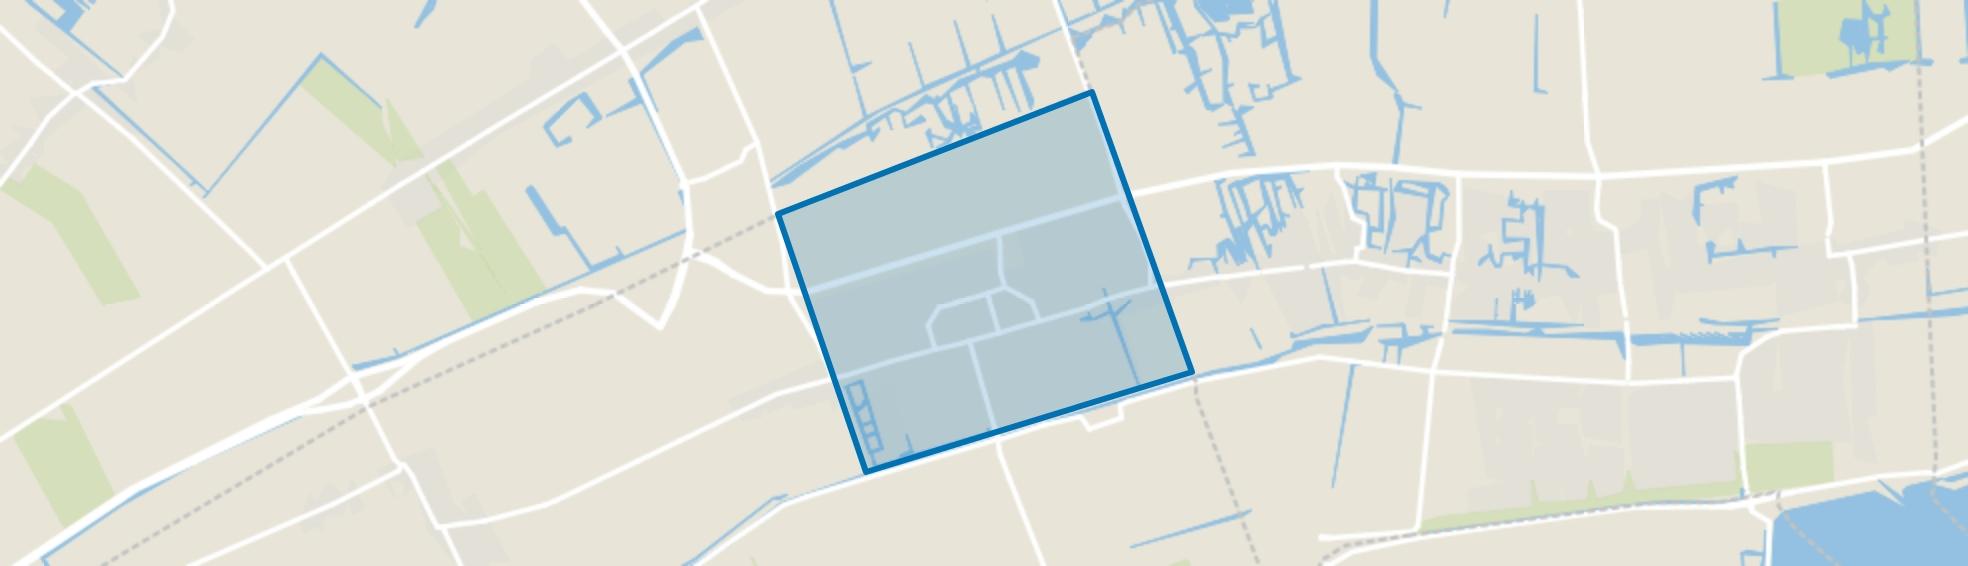 Centrum Hoogkarspel, Hoogkarspel map